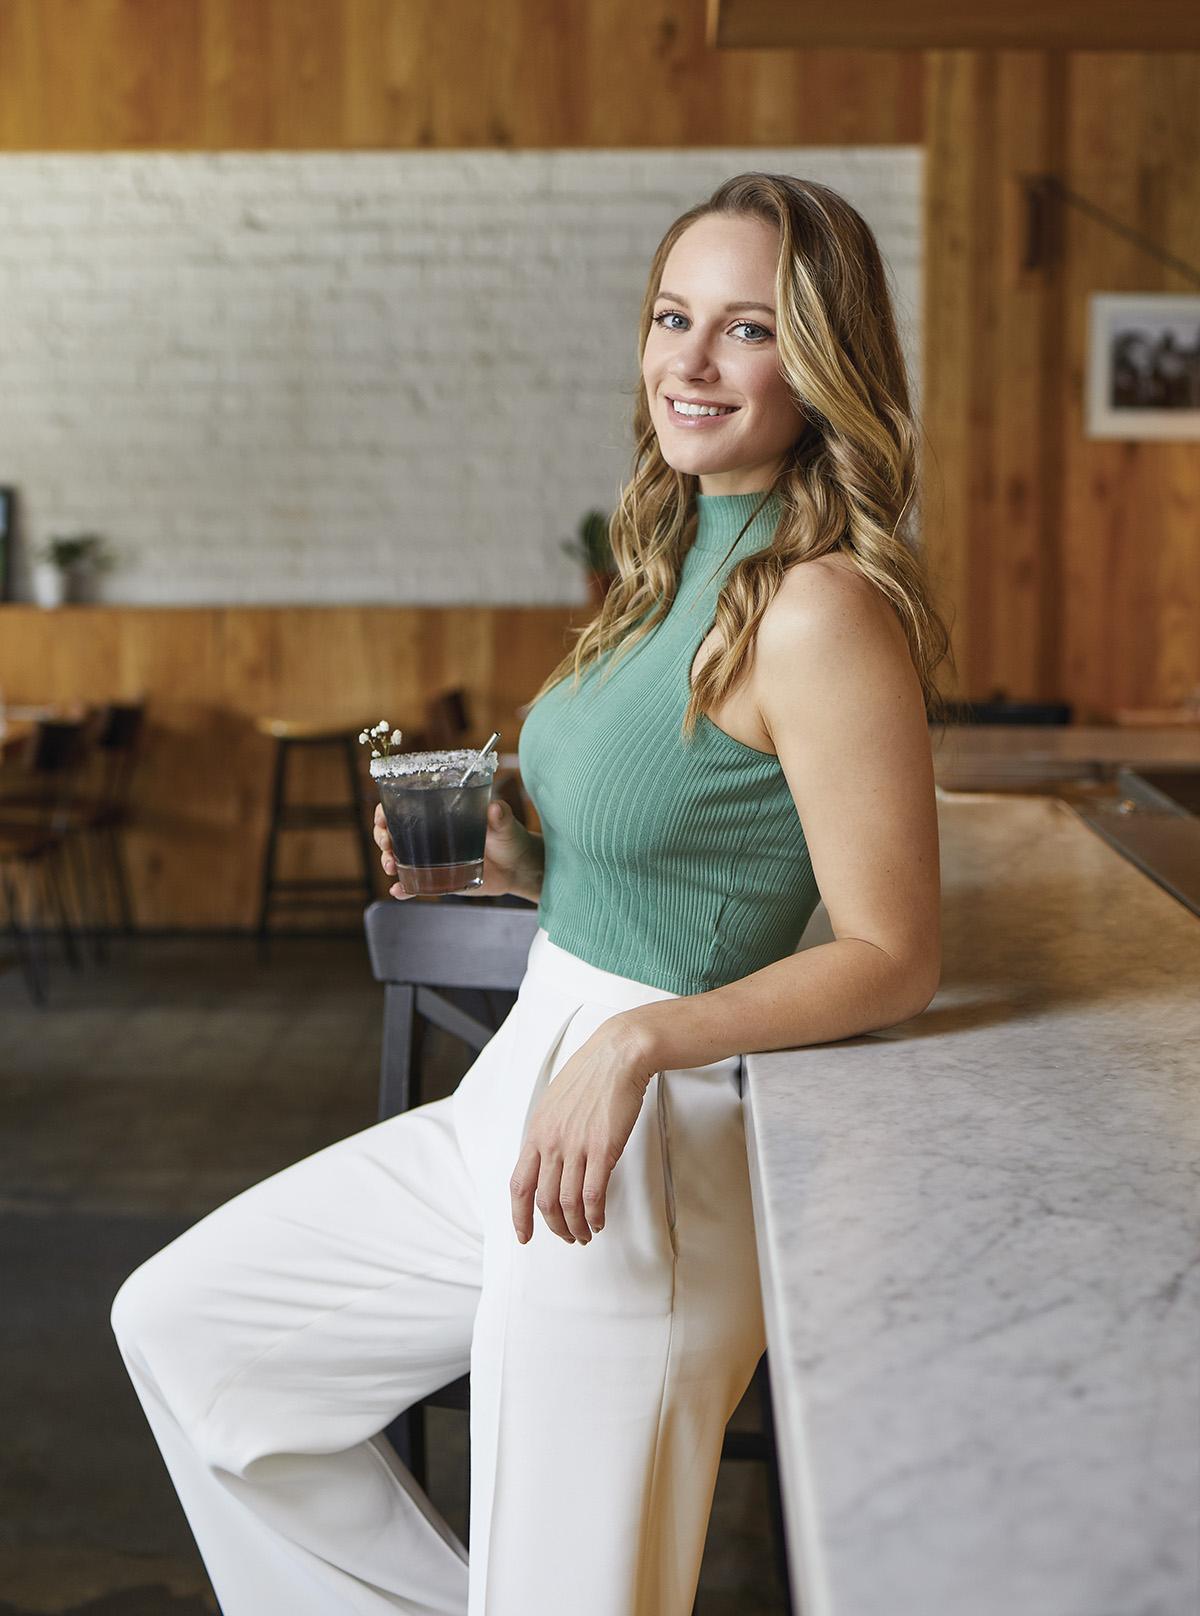 Danielle Savre: Actor